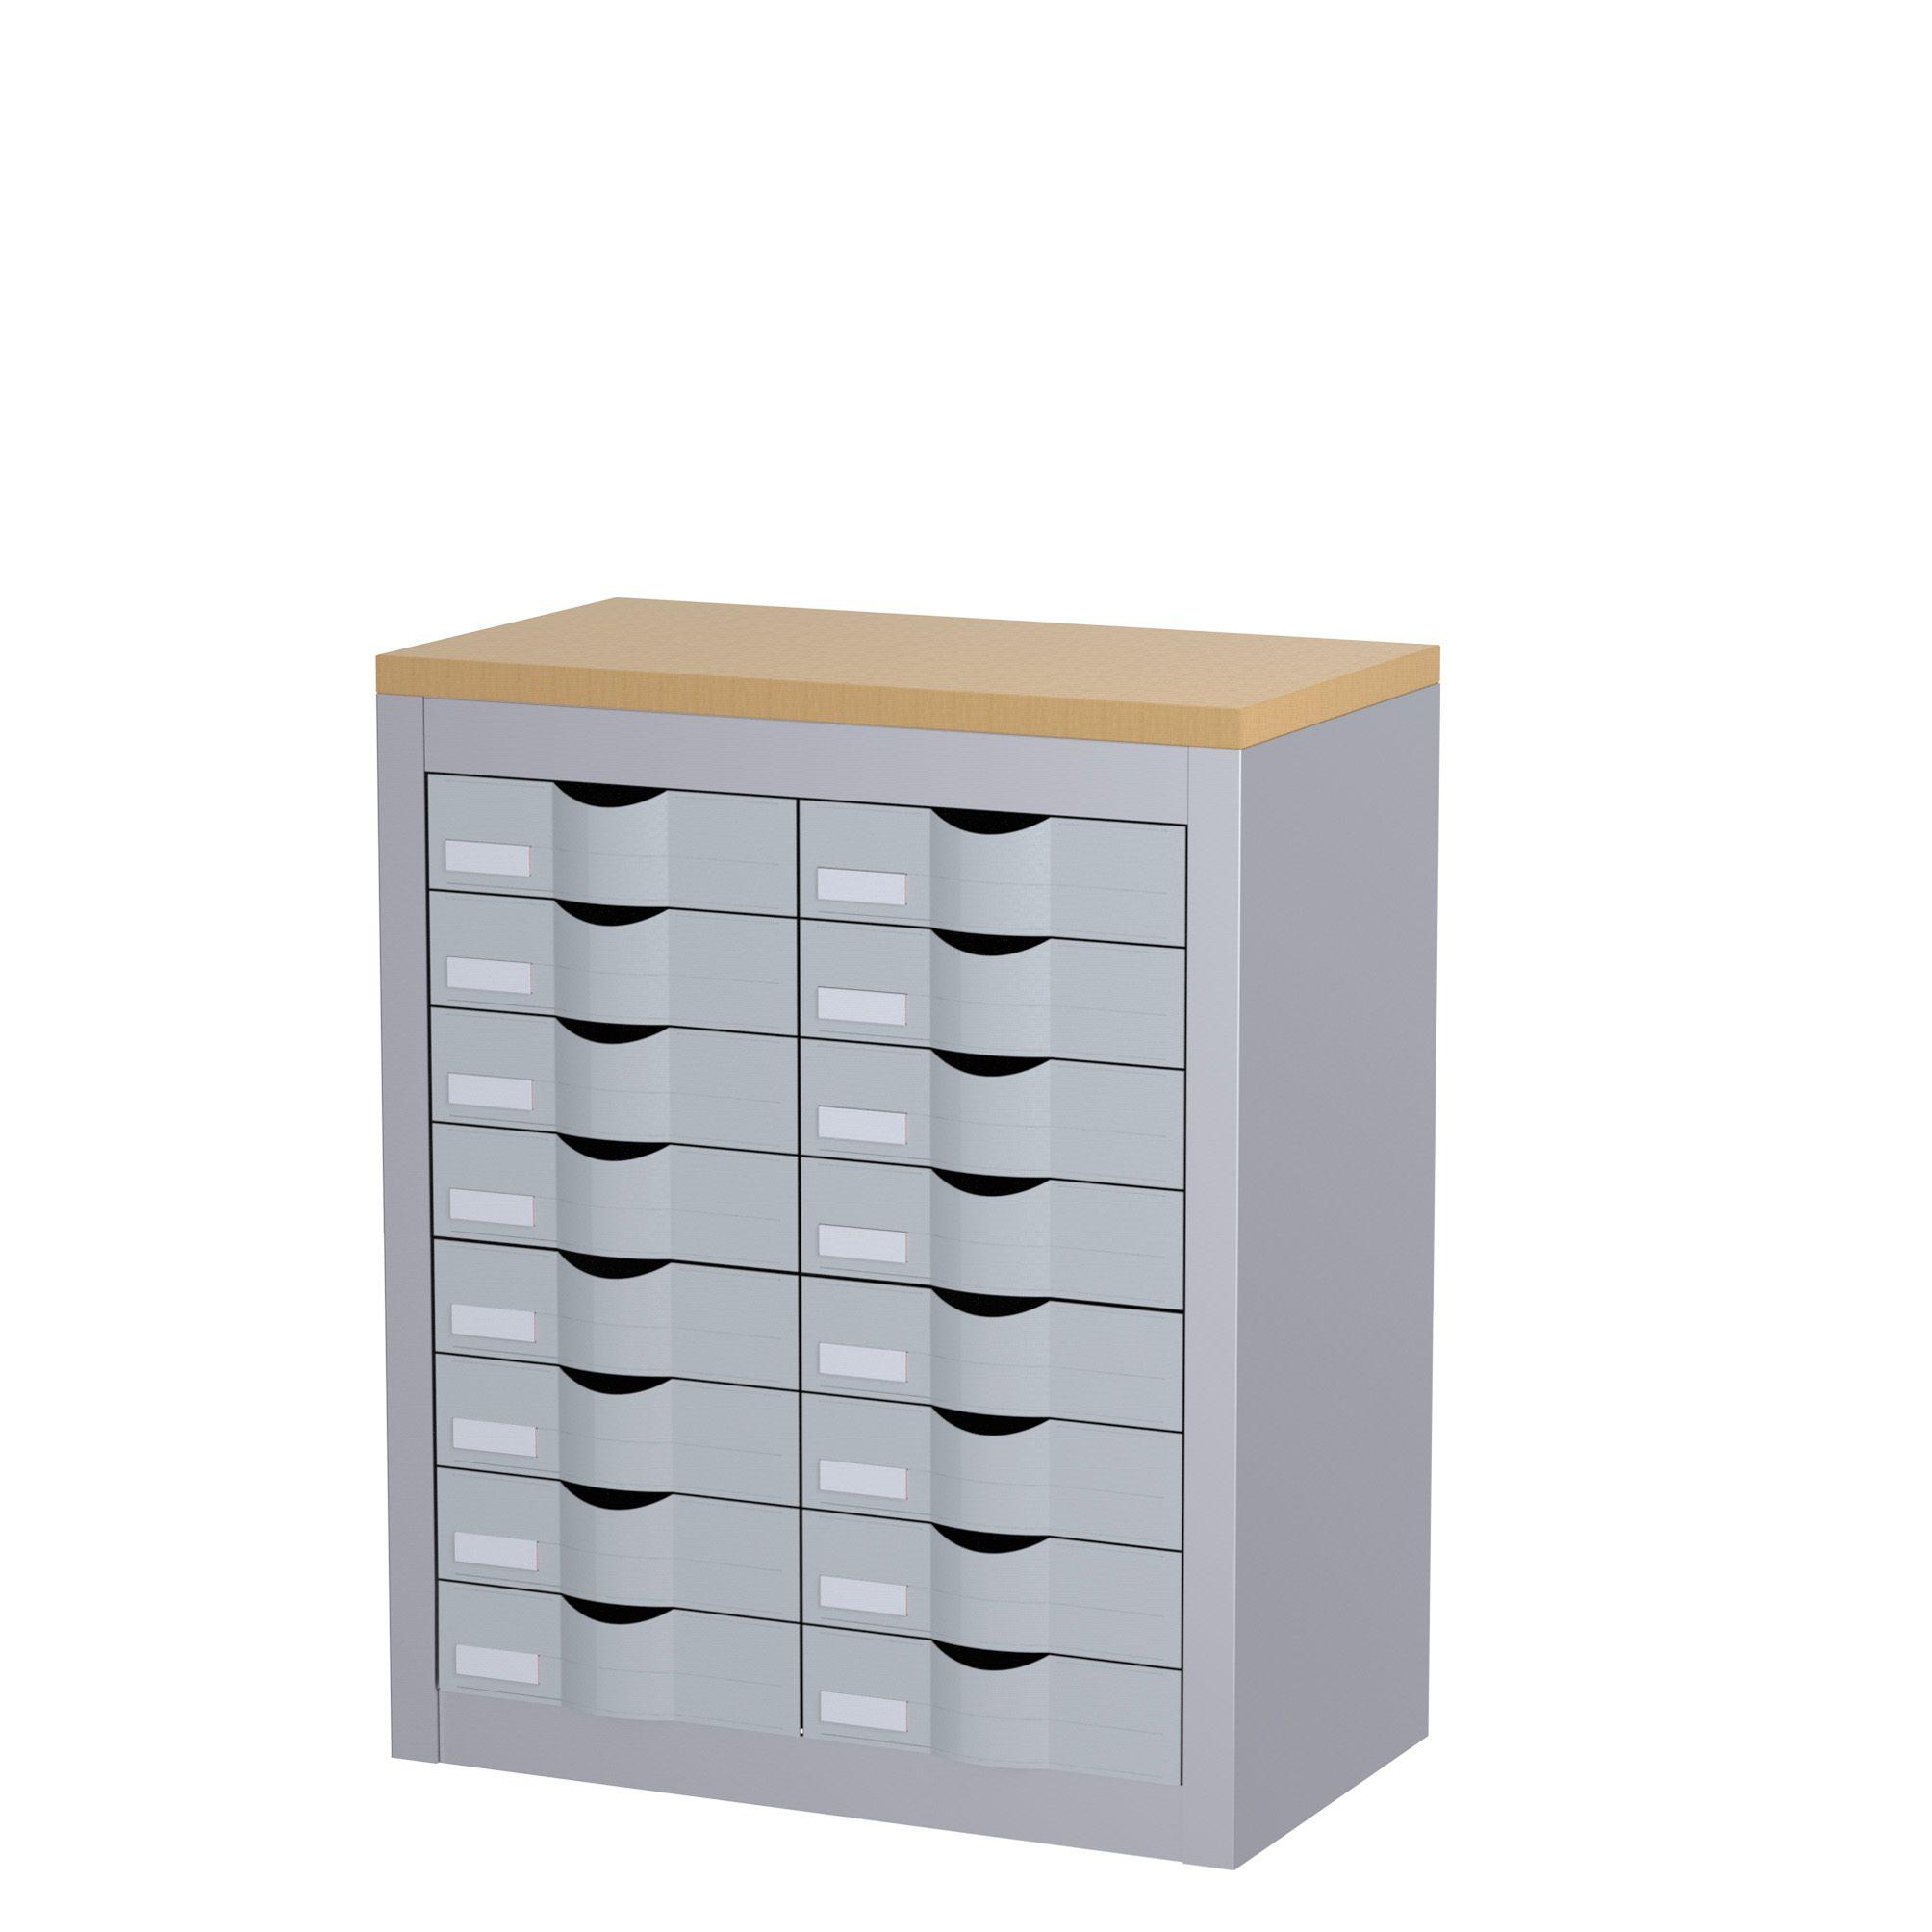 Meuble de rangement - 2 colonnes et 16 tiroirs - H75 x L60,5 x P33,5 cm - argent